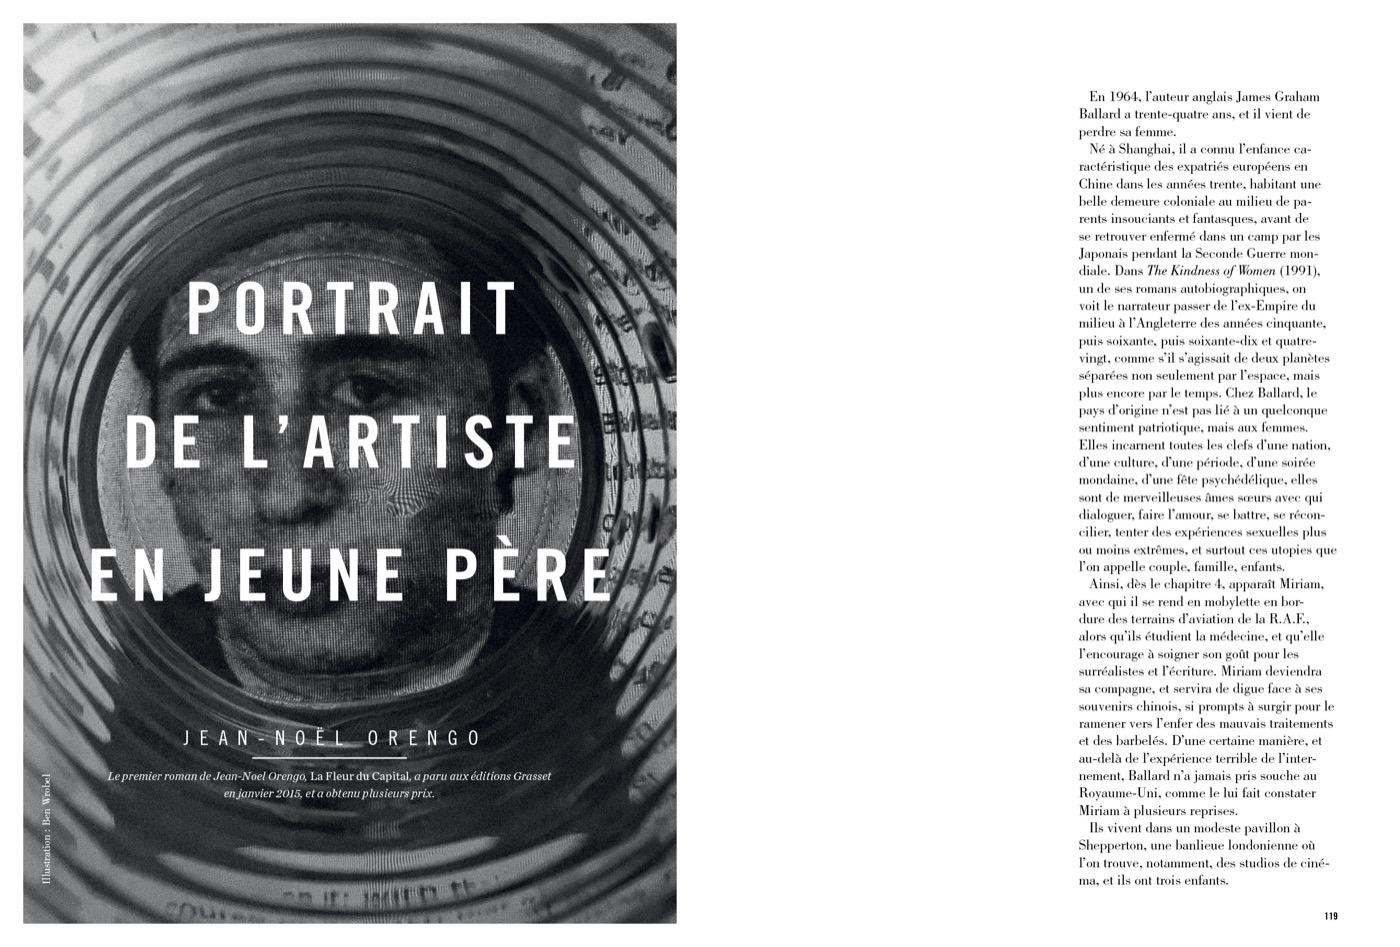 Texte de Jean-Noël Orengo, Portrait de l'artiste en jeune père